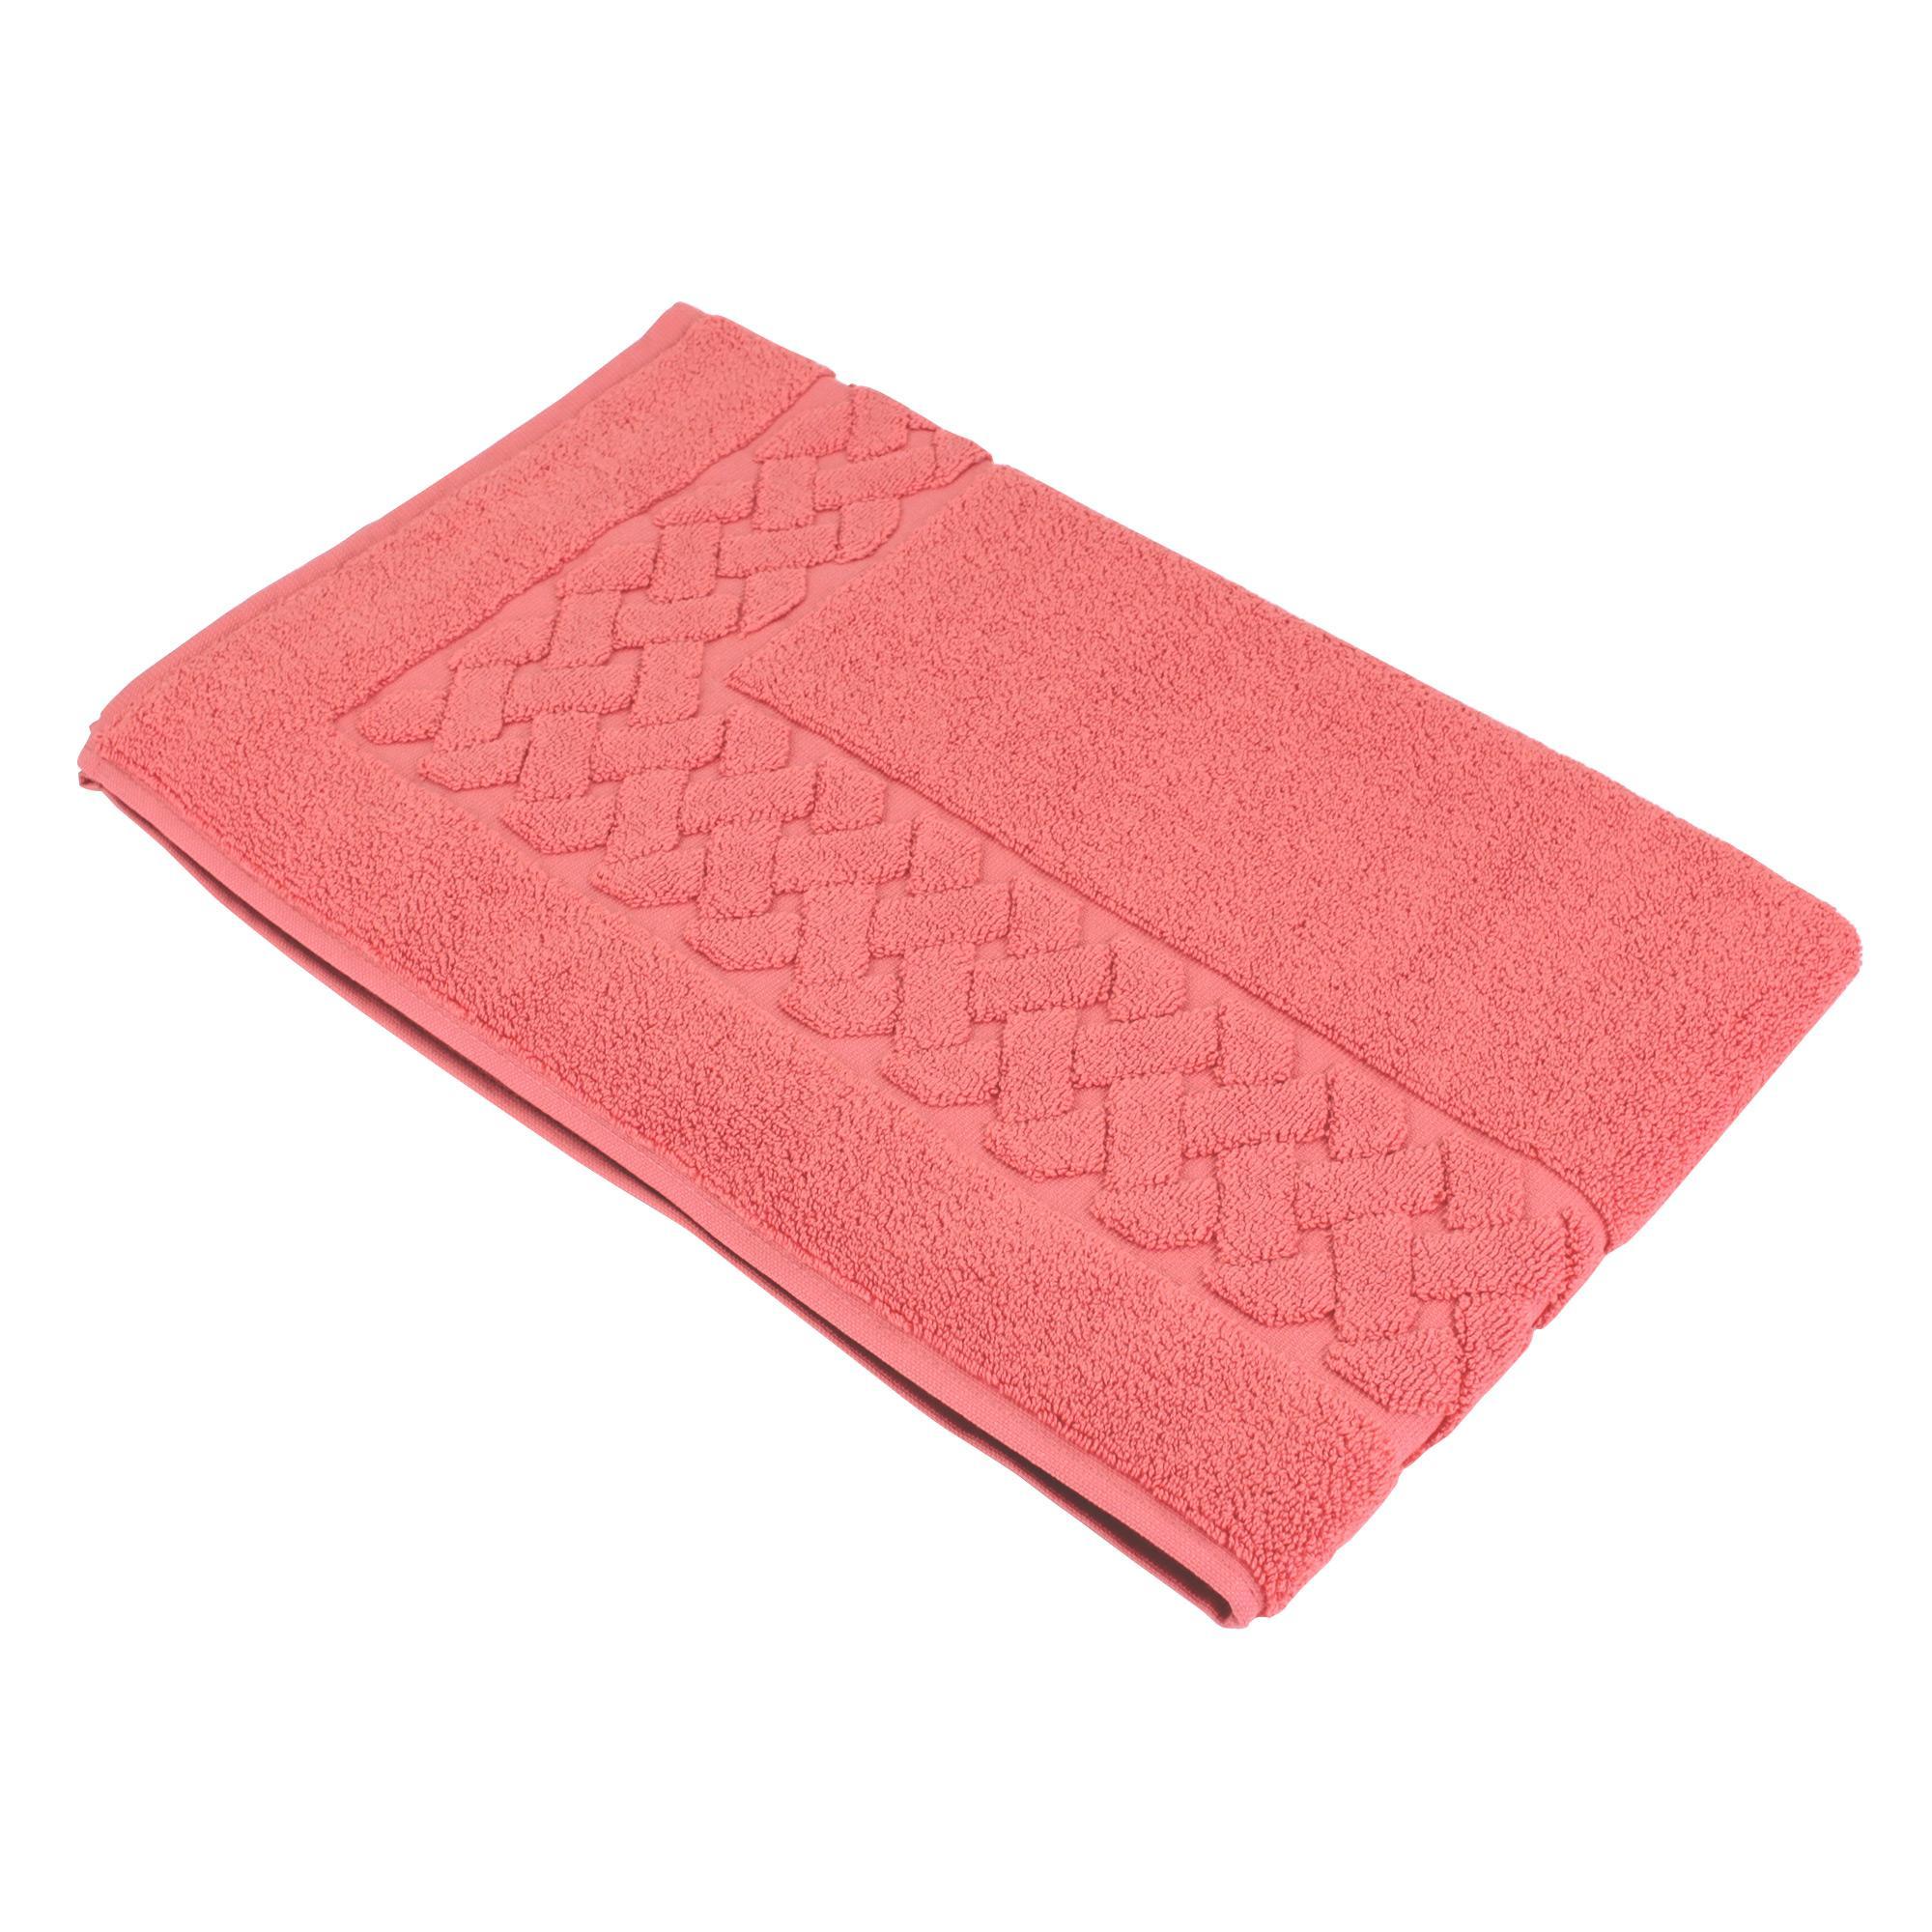 tapis de bain 50x80 cm royal cresent rouge terre cuite 850 g m2. Black Bedroom Furniture Sets. Home Design Ideas